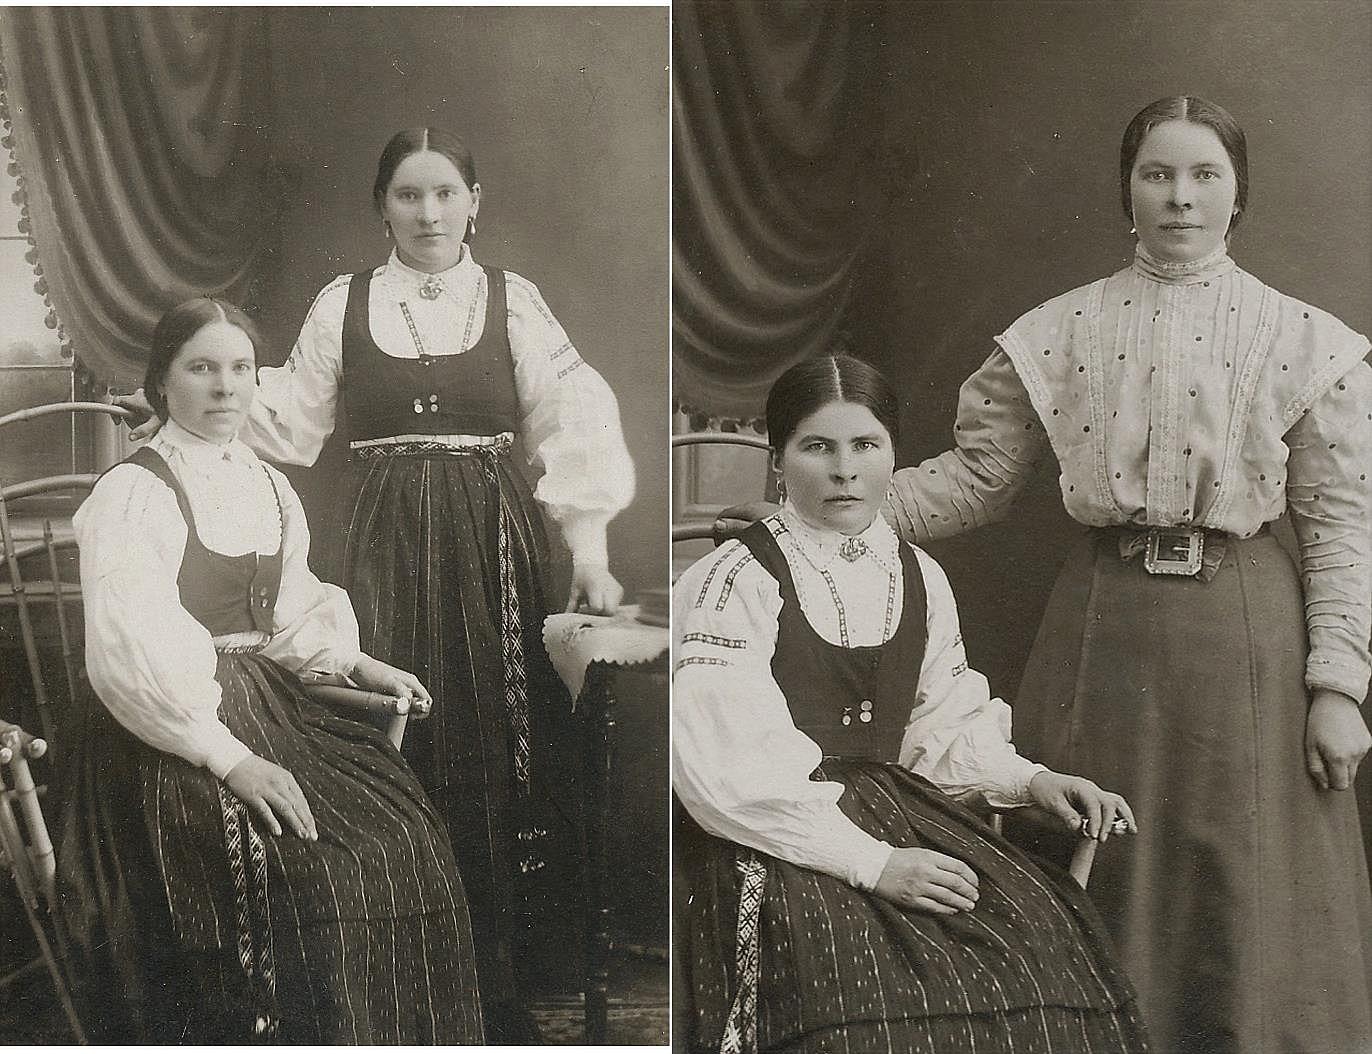 På bilden till vänster tvillingarna Selma och Elvira Asplund och till höger systrarna Ida och Elvira.